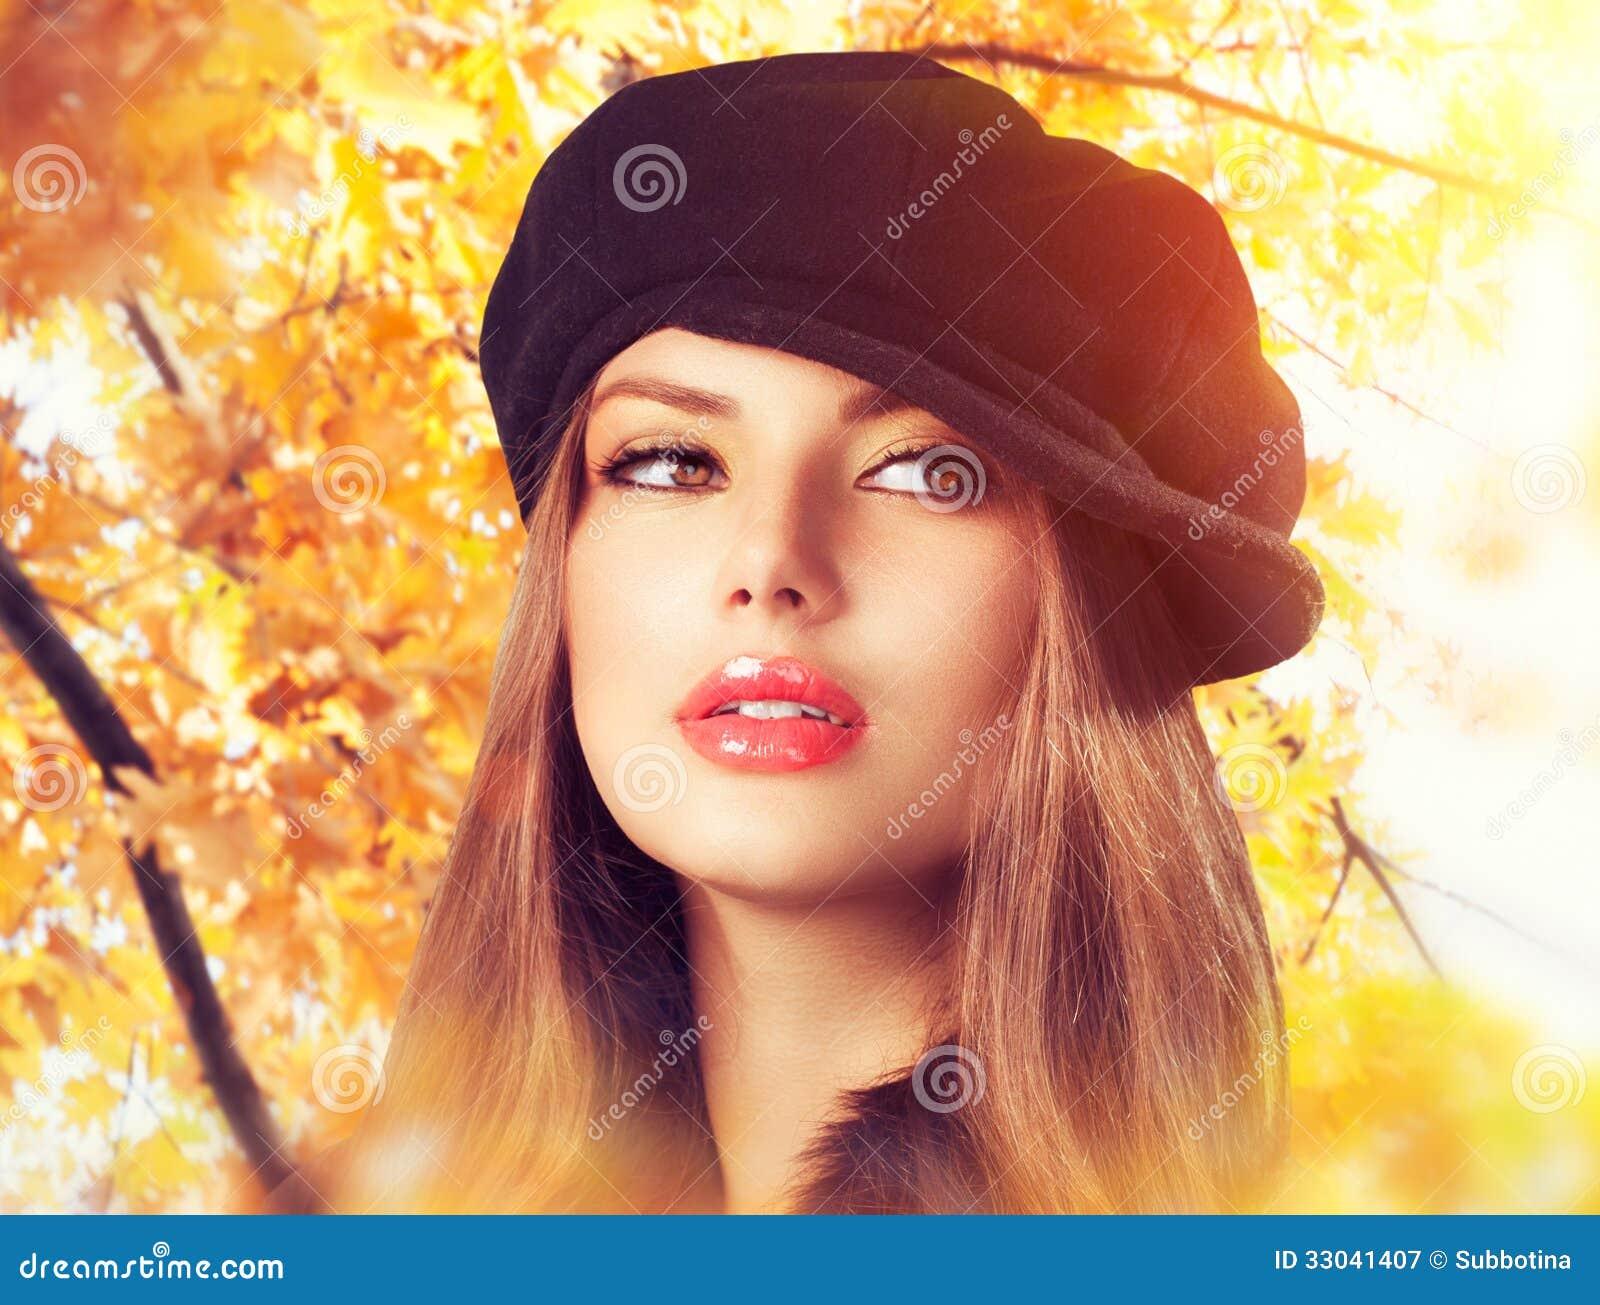 Autumn Woman in einem Barett